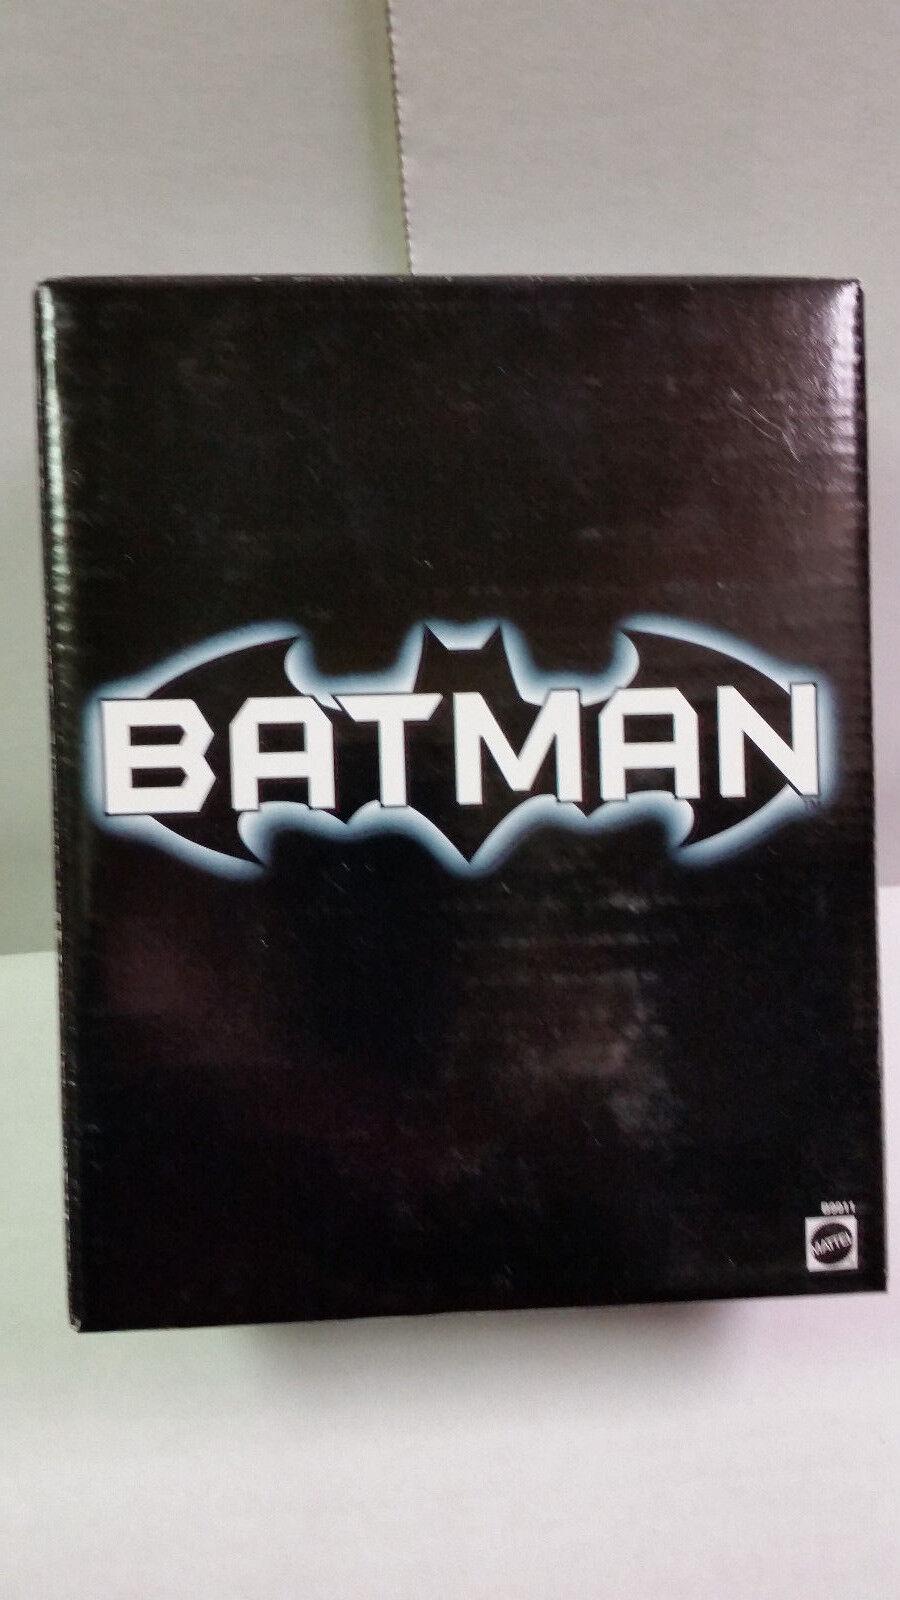 Mattel batman 2004 san diego comic - con - exklusive action - figur mib versiegelten kiste